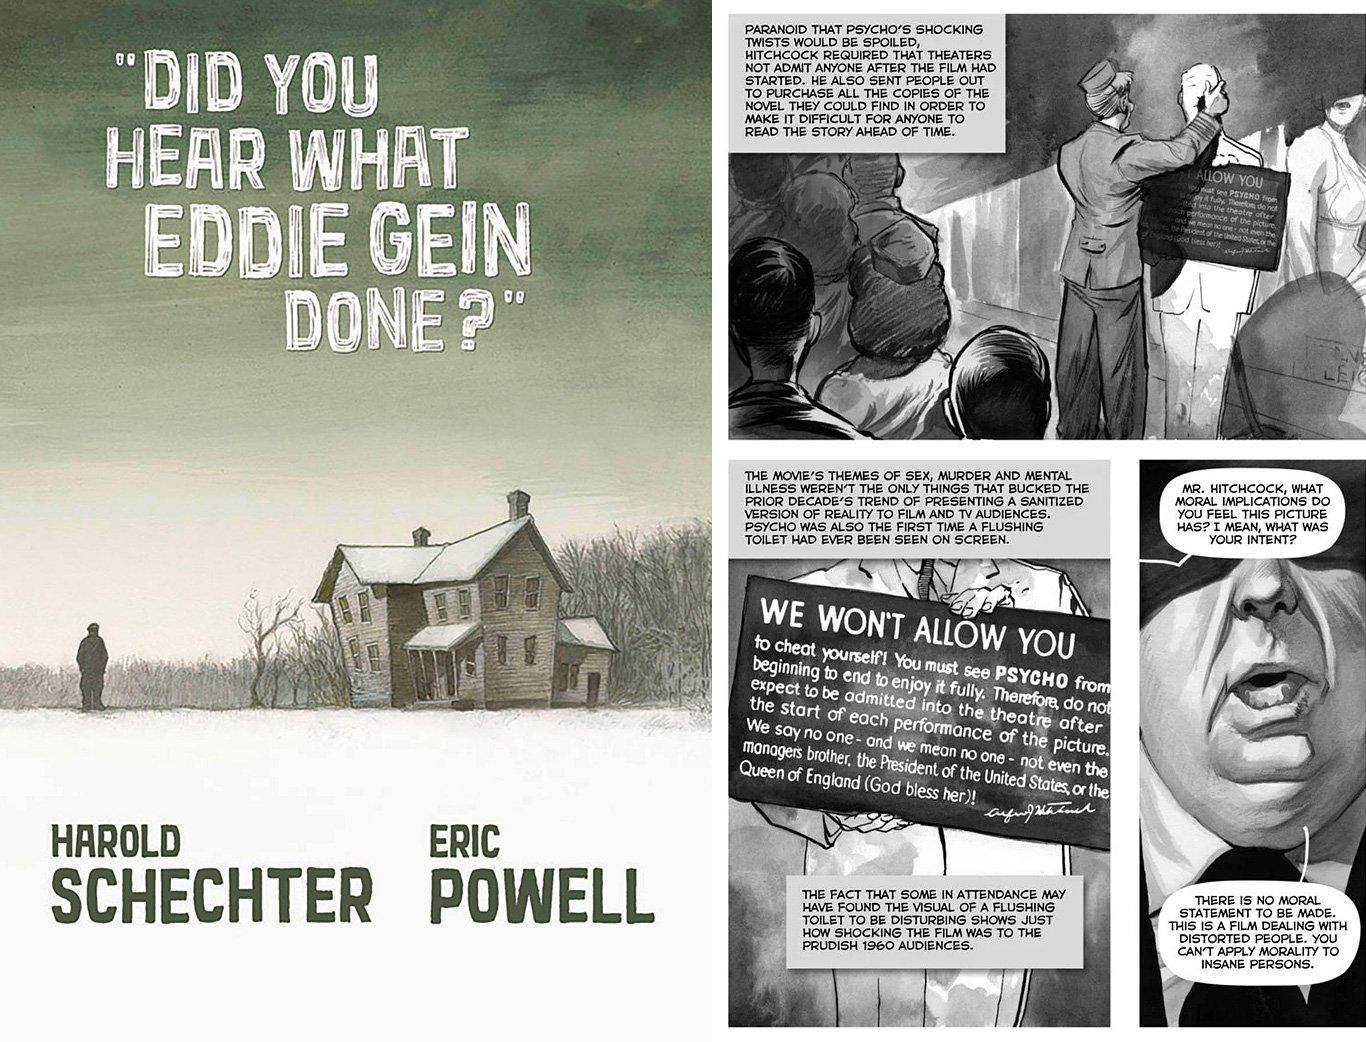 Did You Hear What Eddie Gein Done? at werd.com